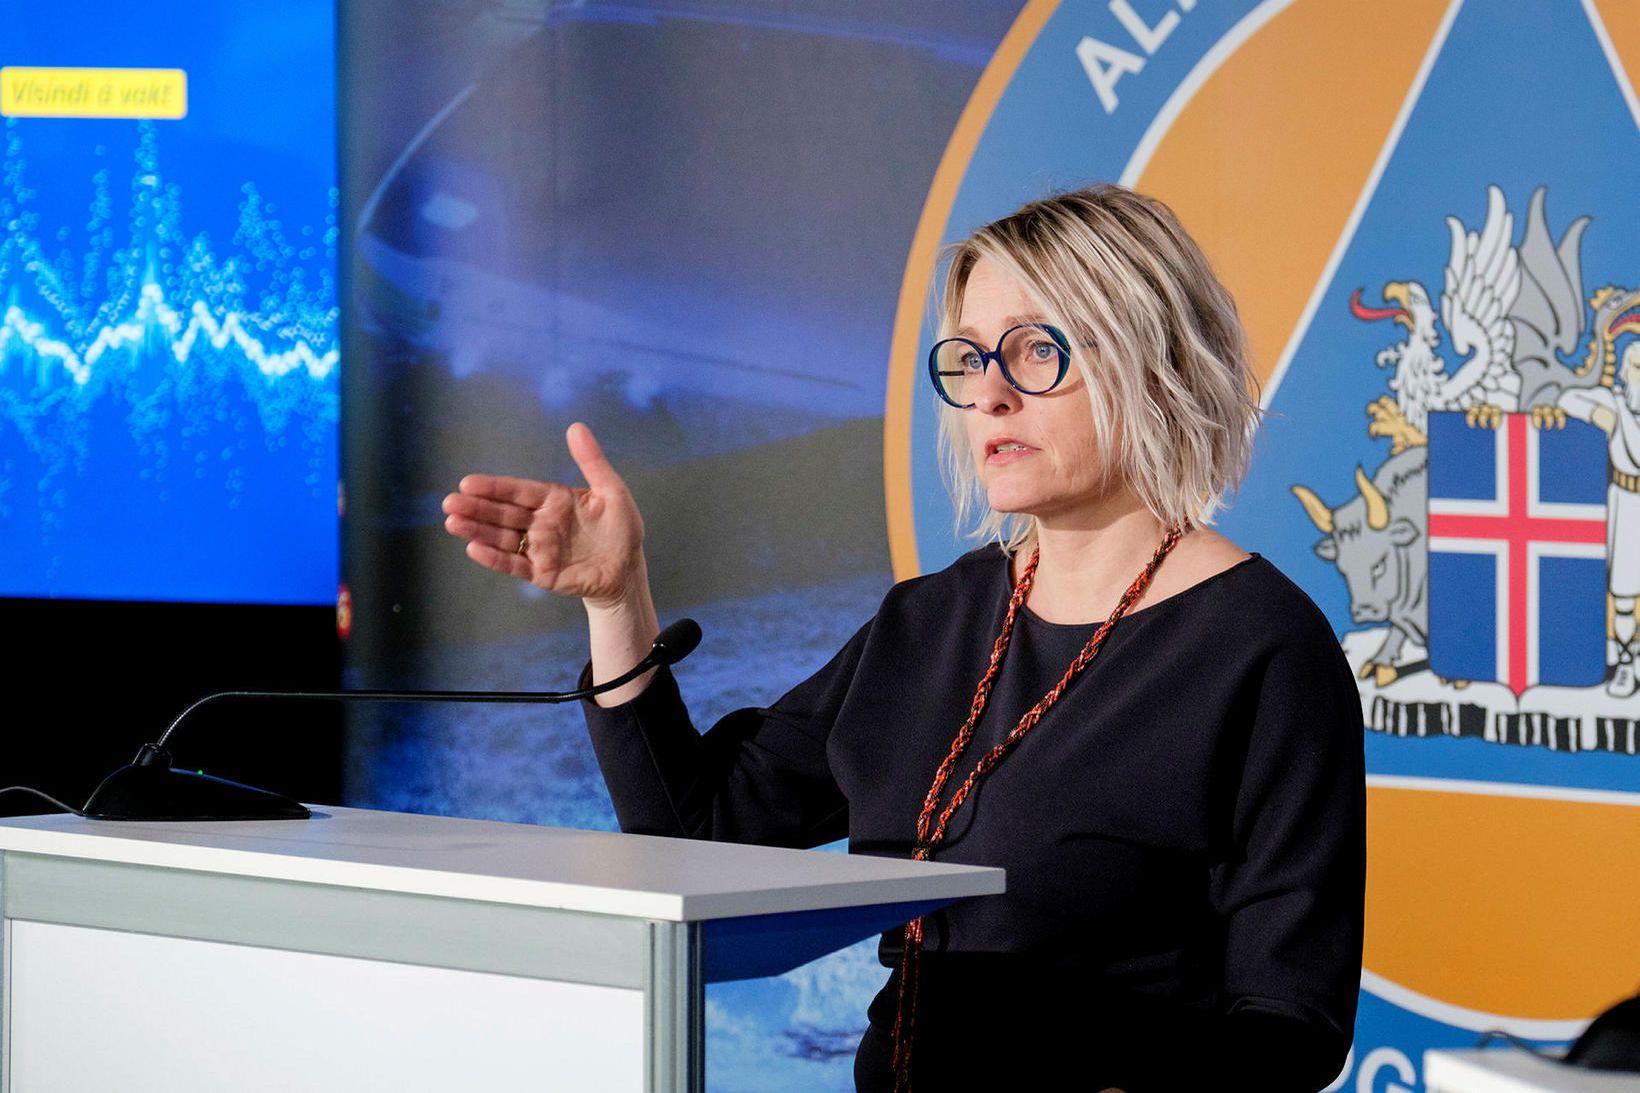 Kristín Jónsdóttir, fagstjóri á sviði náttúruváar hjá Veðurstofunni.